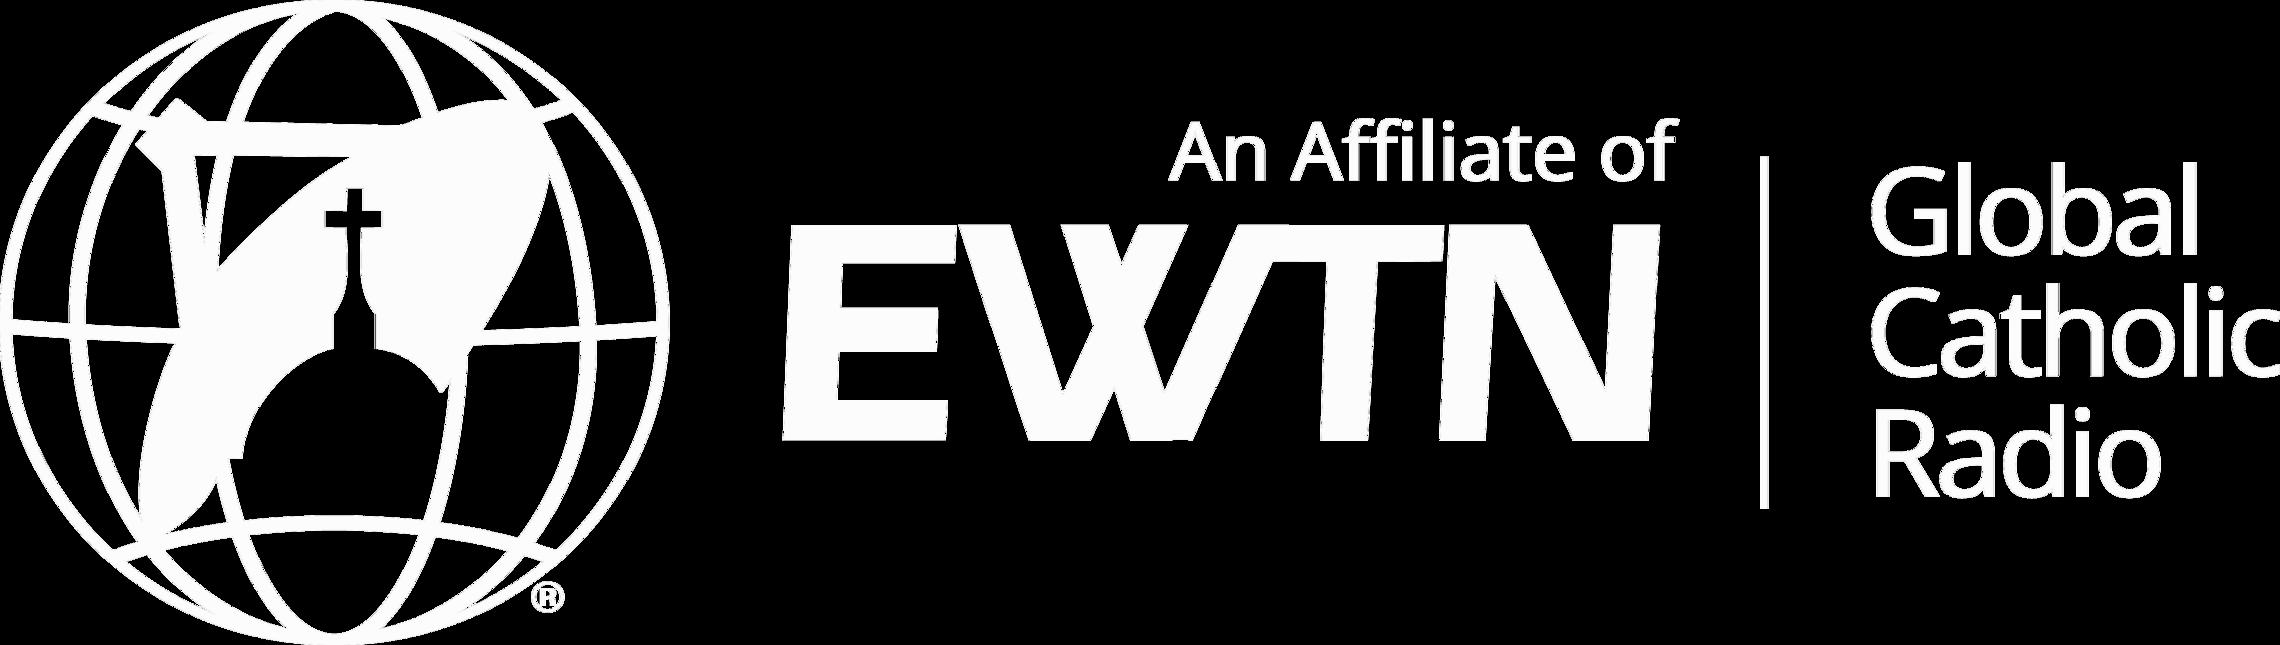 Ewtn Affiliate Logo White